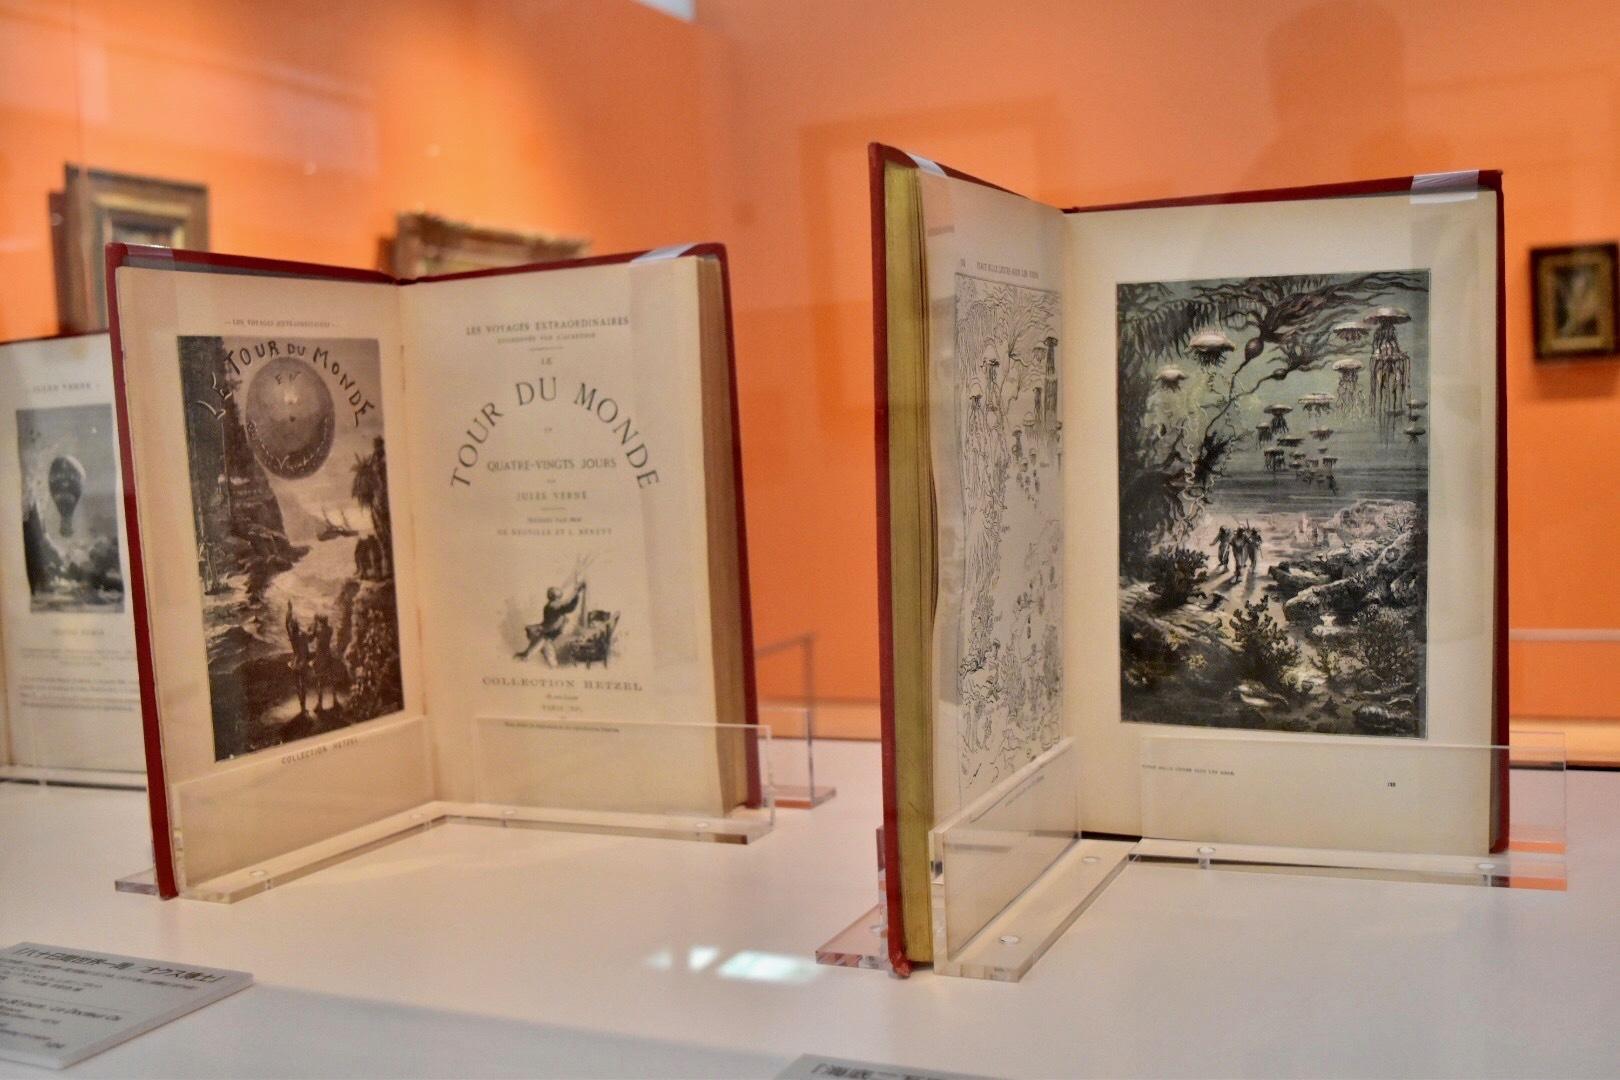 左:著・ジュール・ヴェルヌ 『八十日間世界一周/オクス博士』1910年頃 鹿島茂コレクション 右:同著者 『海底二万里』1910年頃(1869年初版) 鹿島茂コレクション